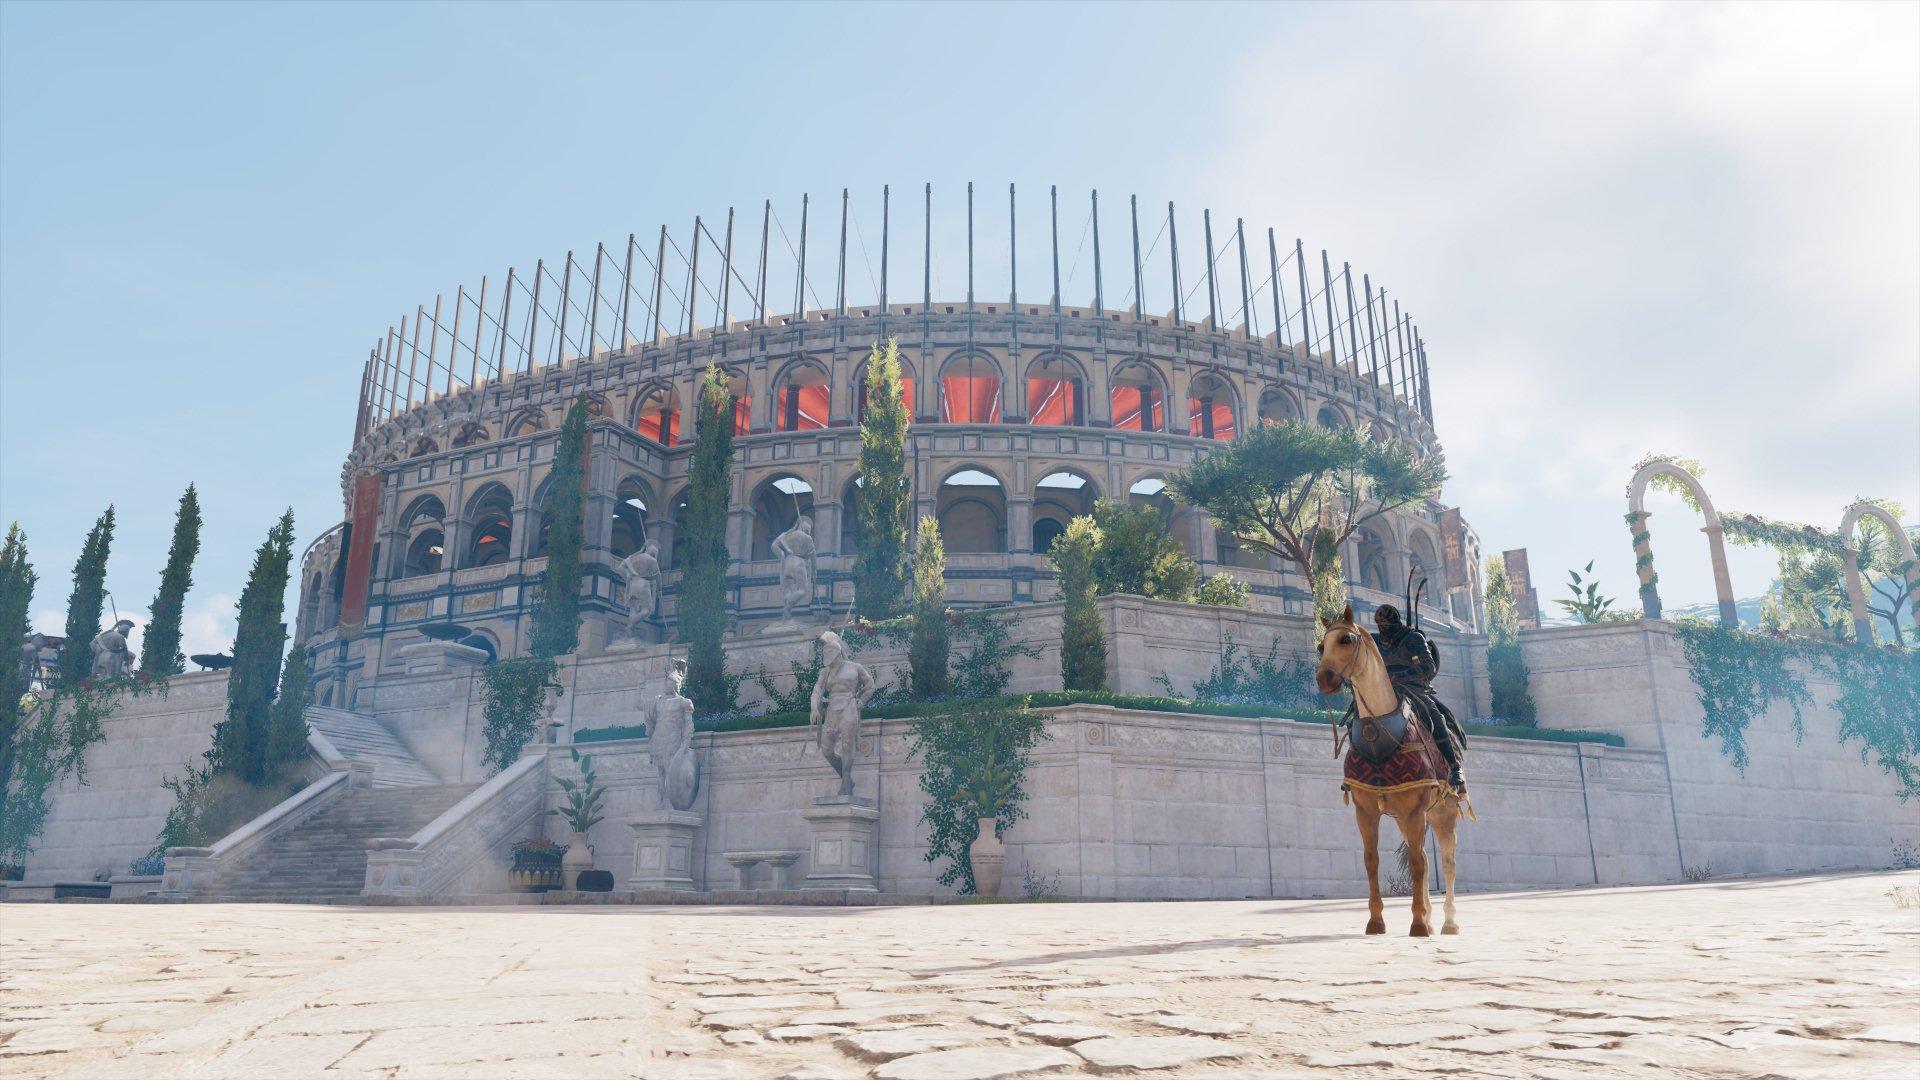 20180219200140.jpg - Assassin's Creed: Origins